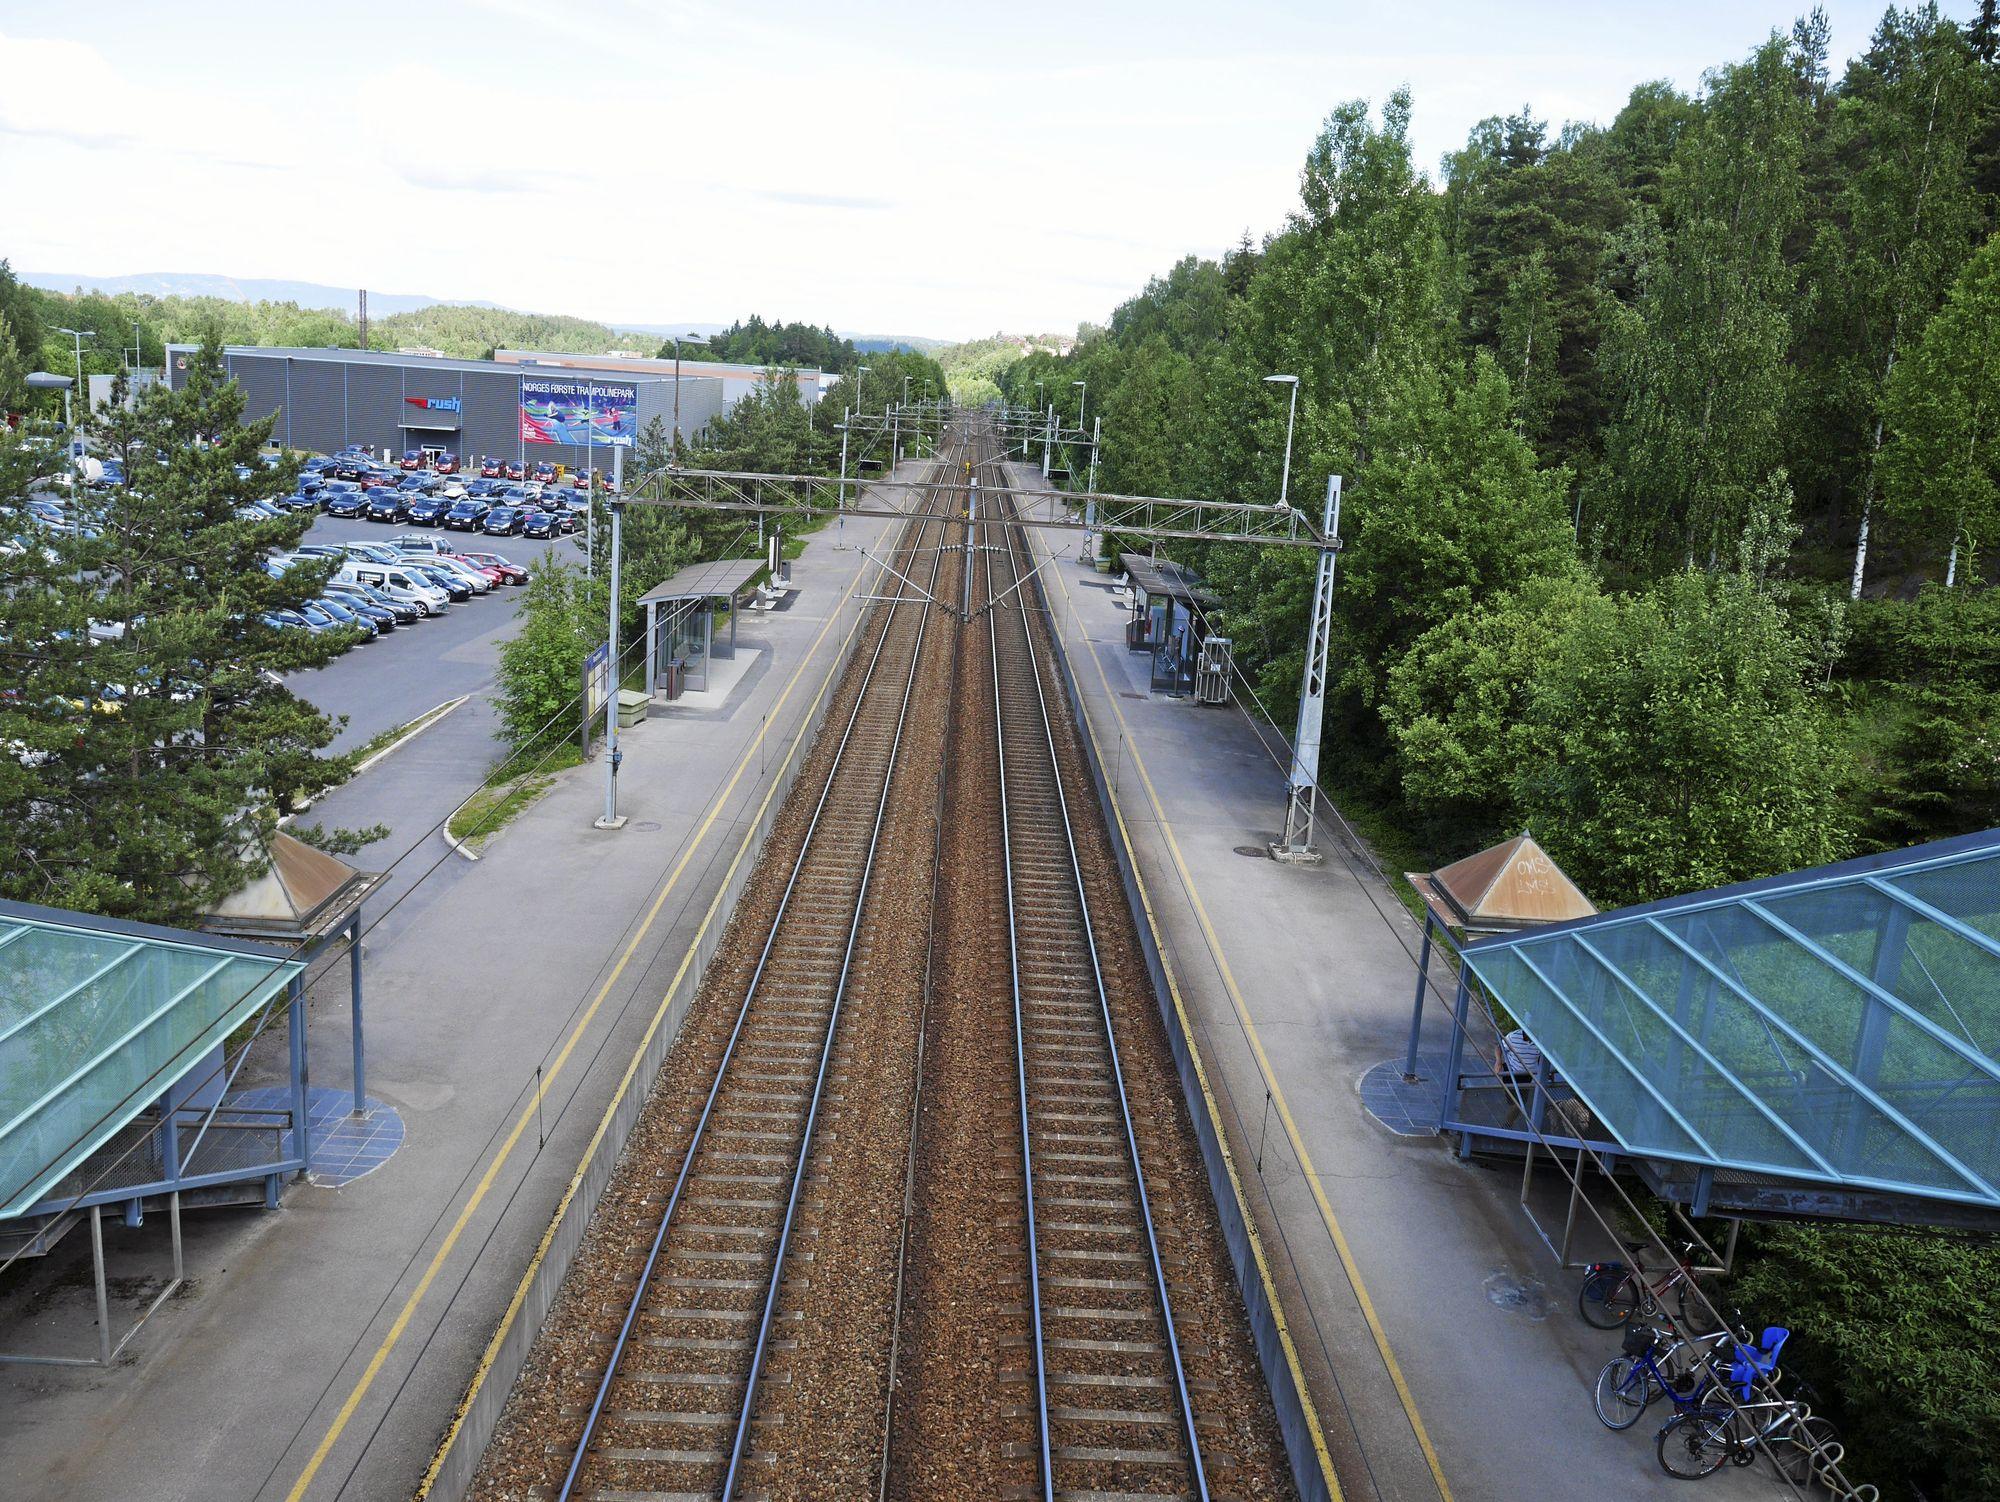 14 MINUTTER UNNA OSLO S: Det er kort vei til byen fra Rosenholm stasjon. Innfartsparkeringen ligger rett ved stasjonen. Foto: Yana Stubberudlien